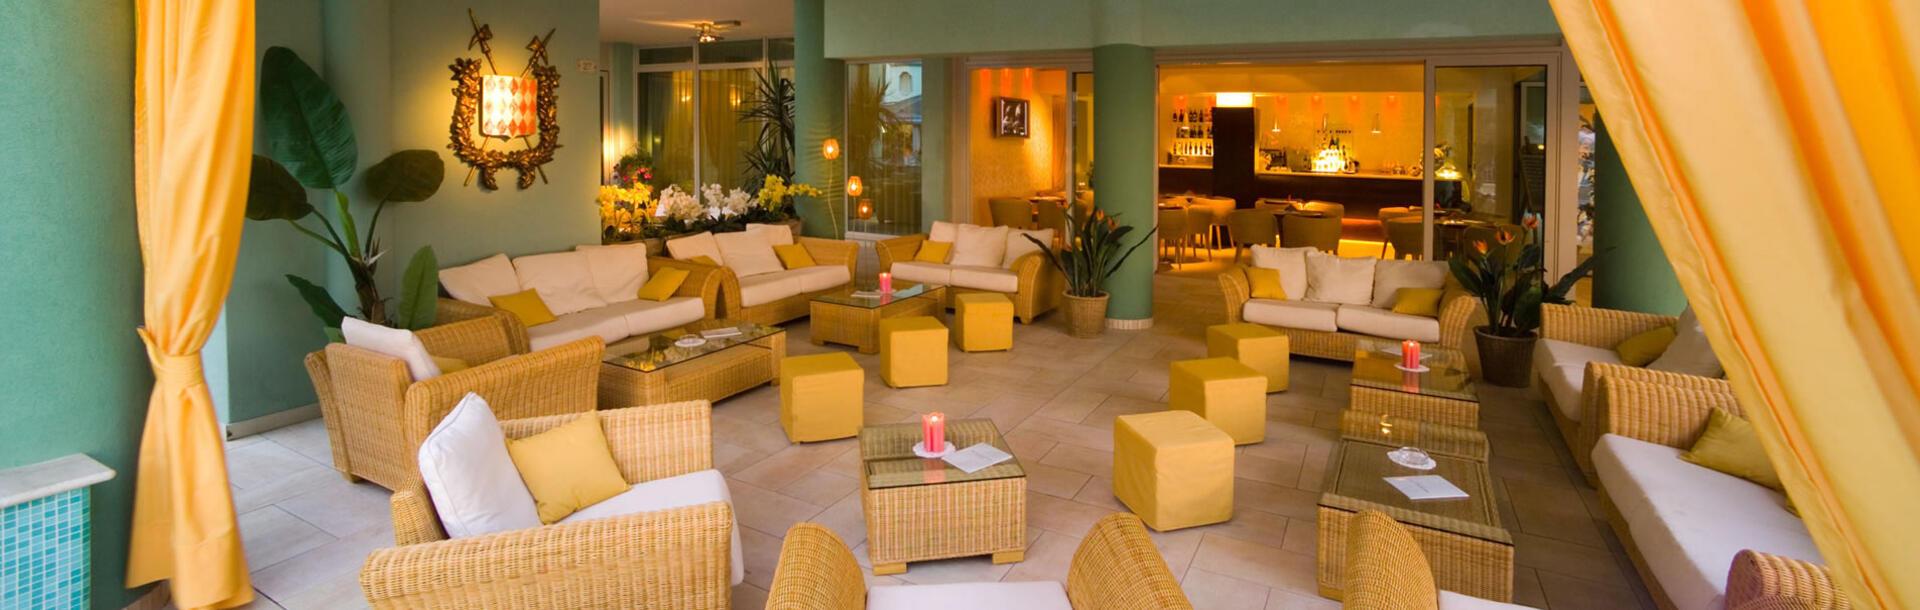 hotel-montecarlo de videogallery 014